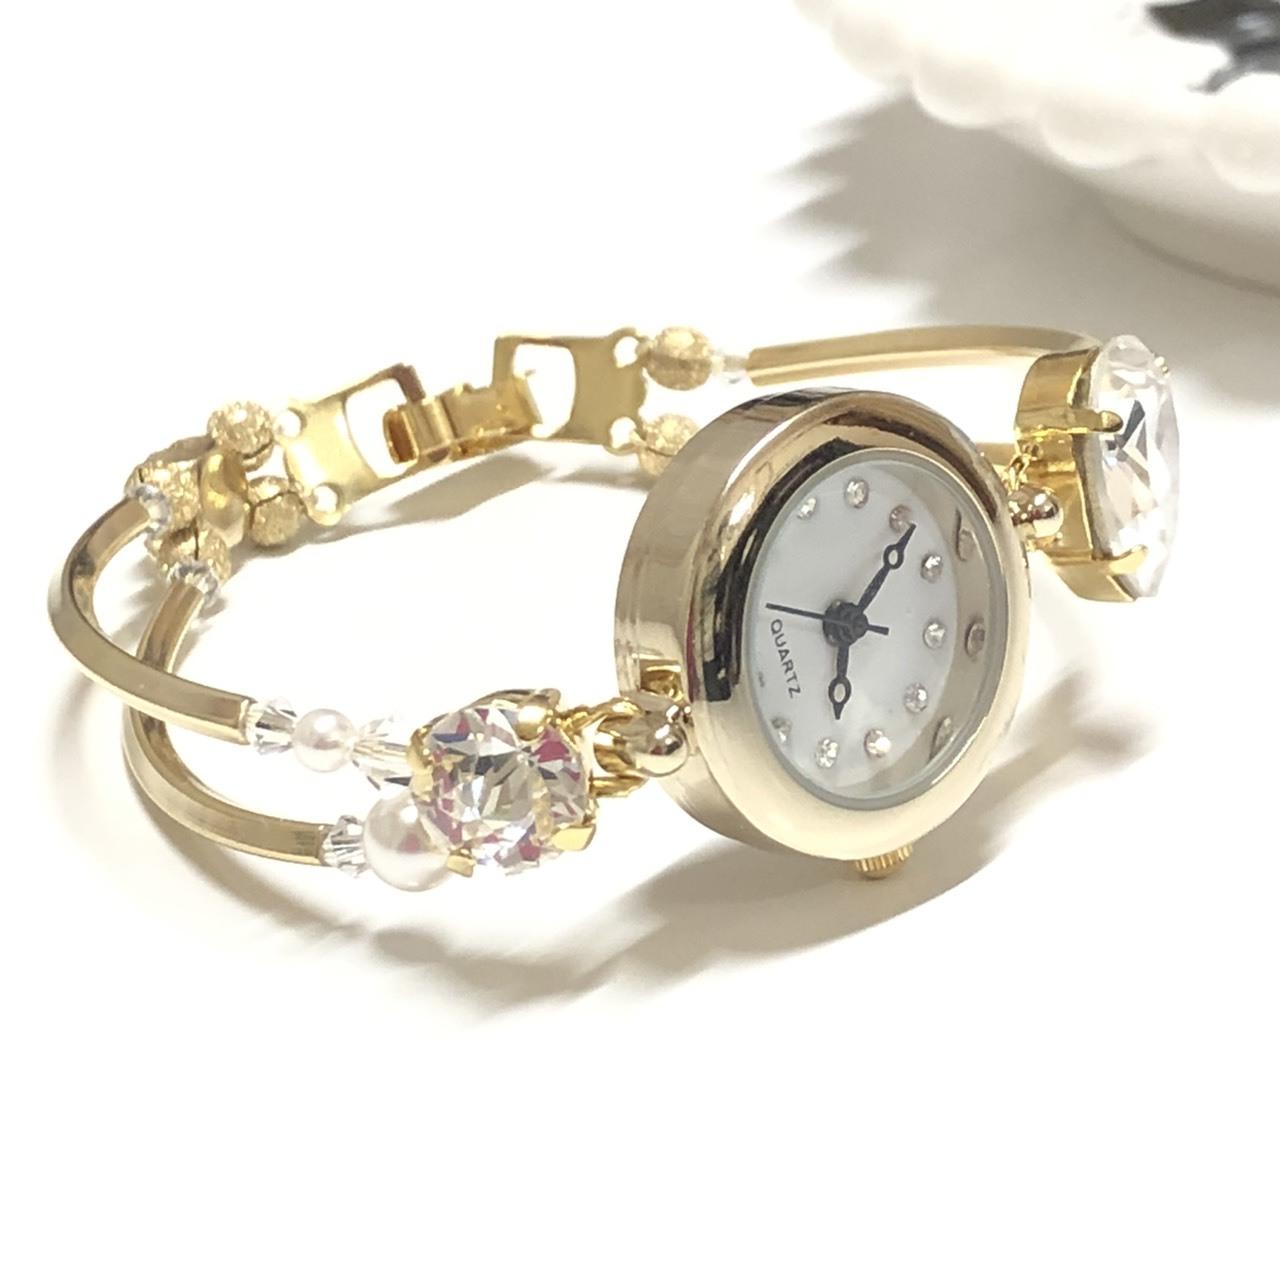 マヒナメレマヒナ 時計